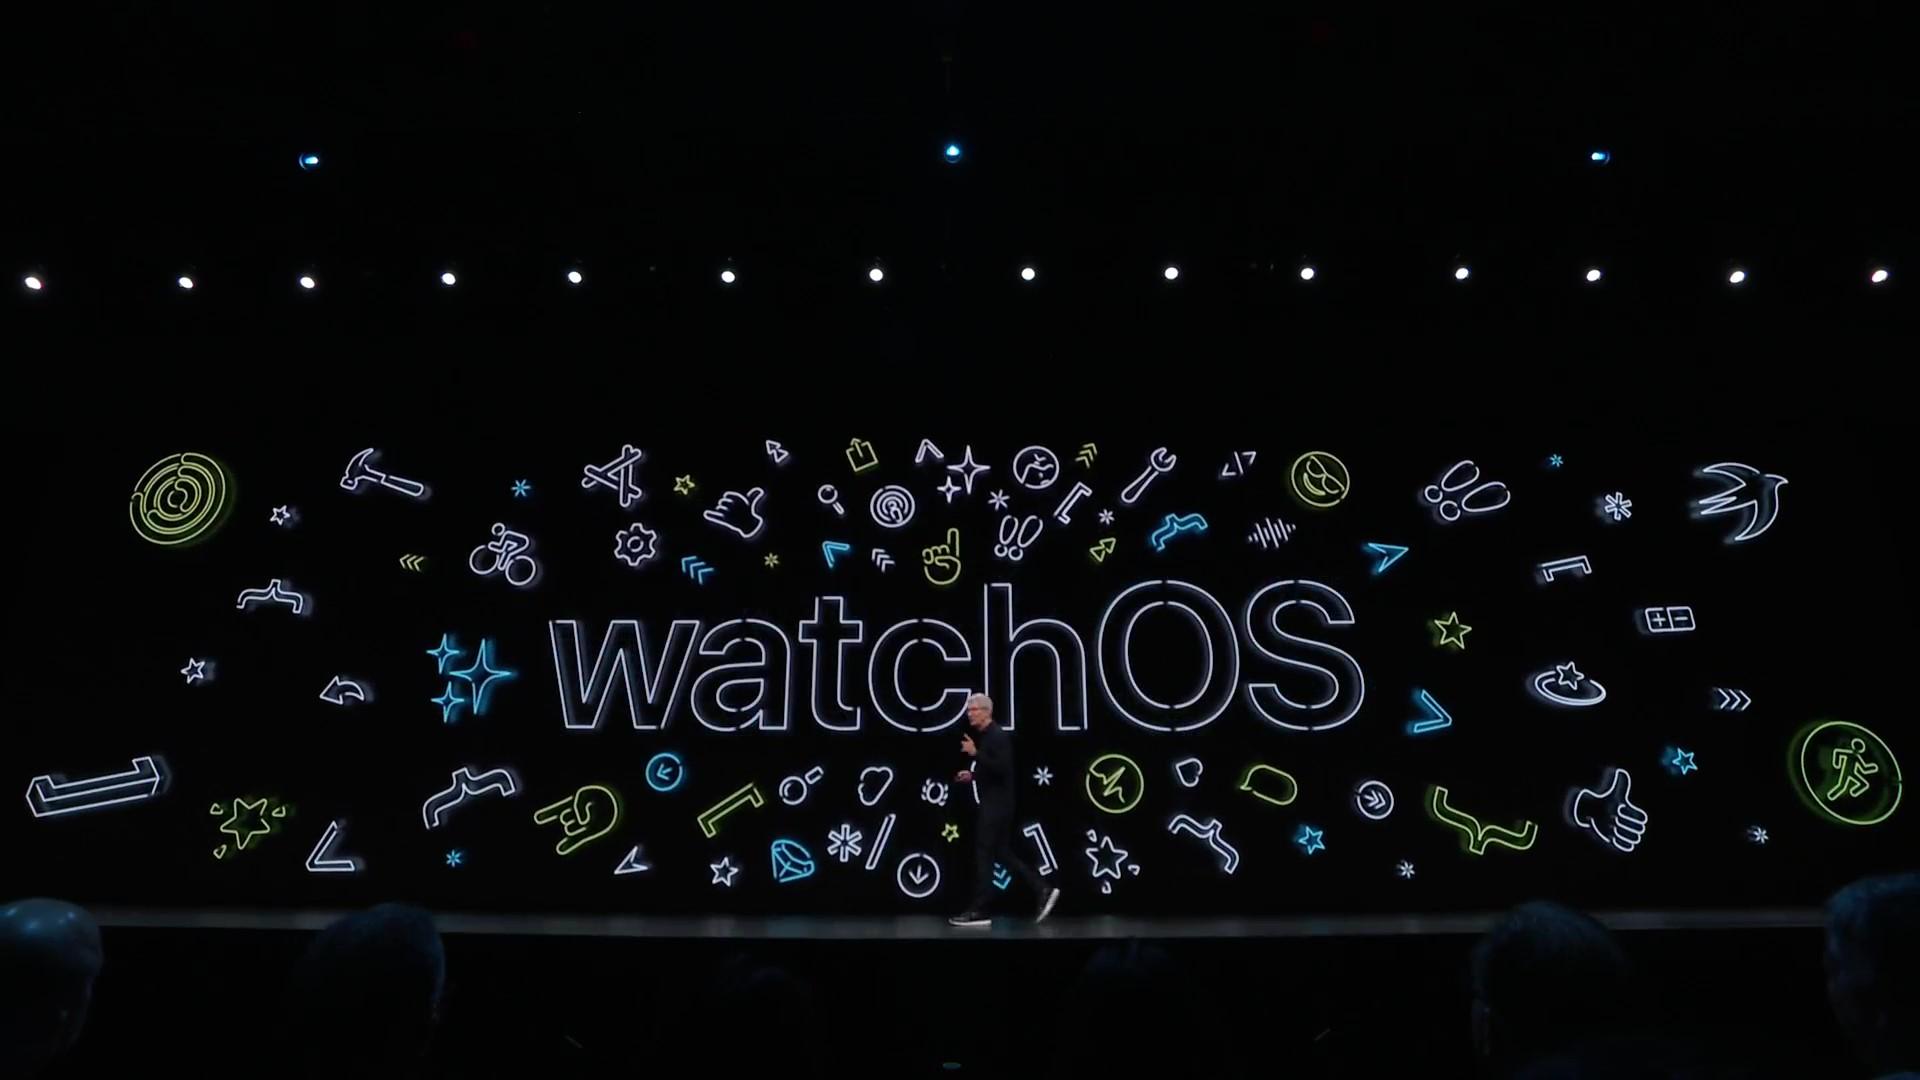 watchOS 6